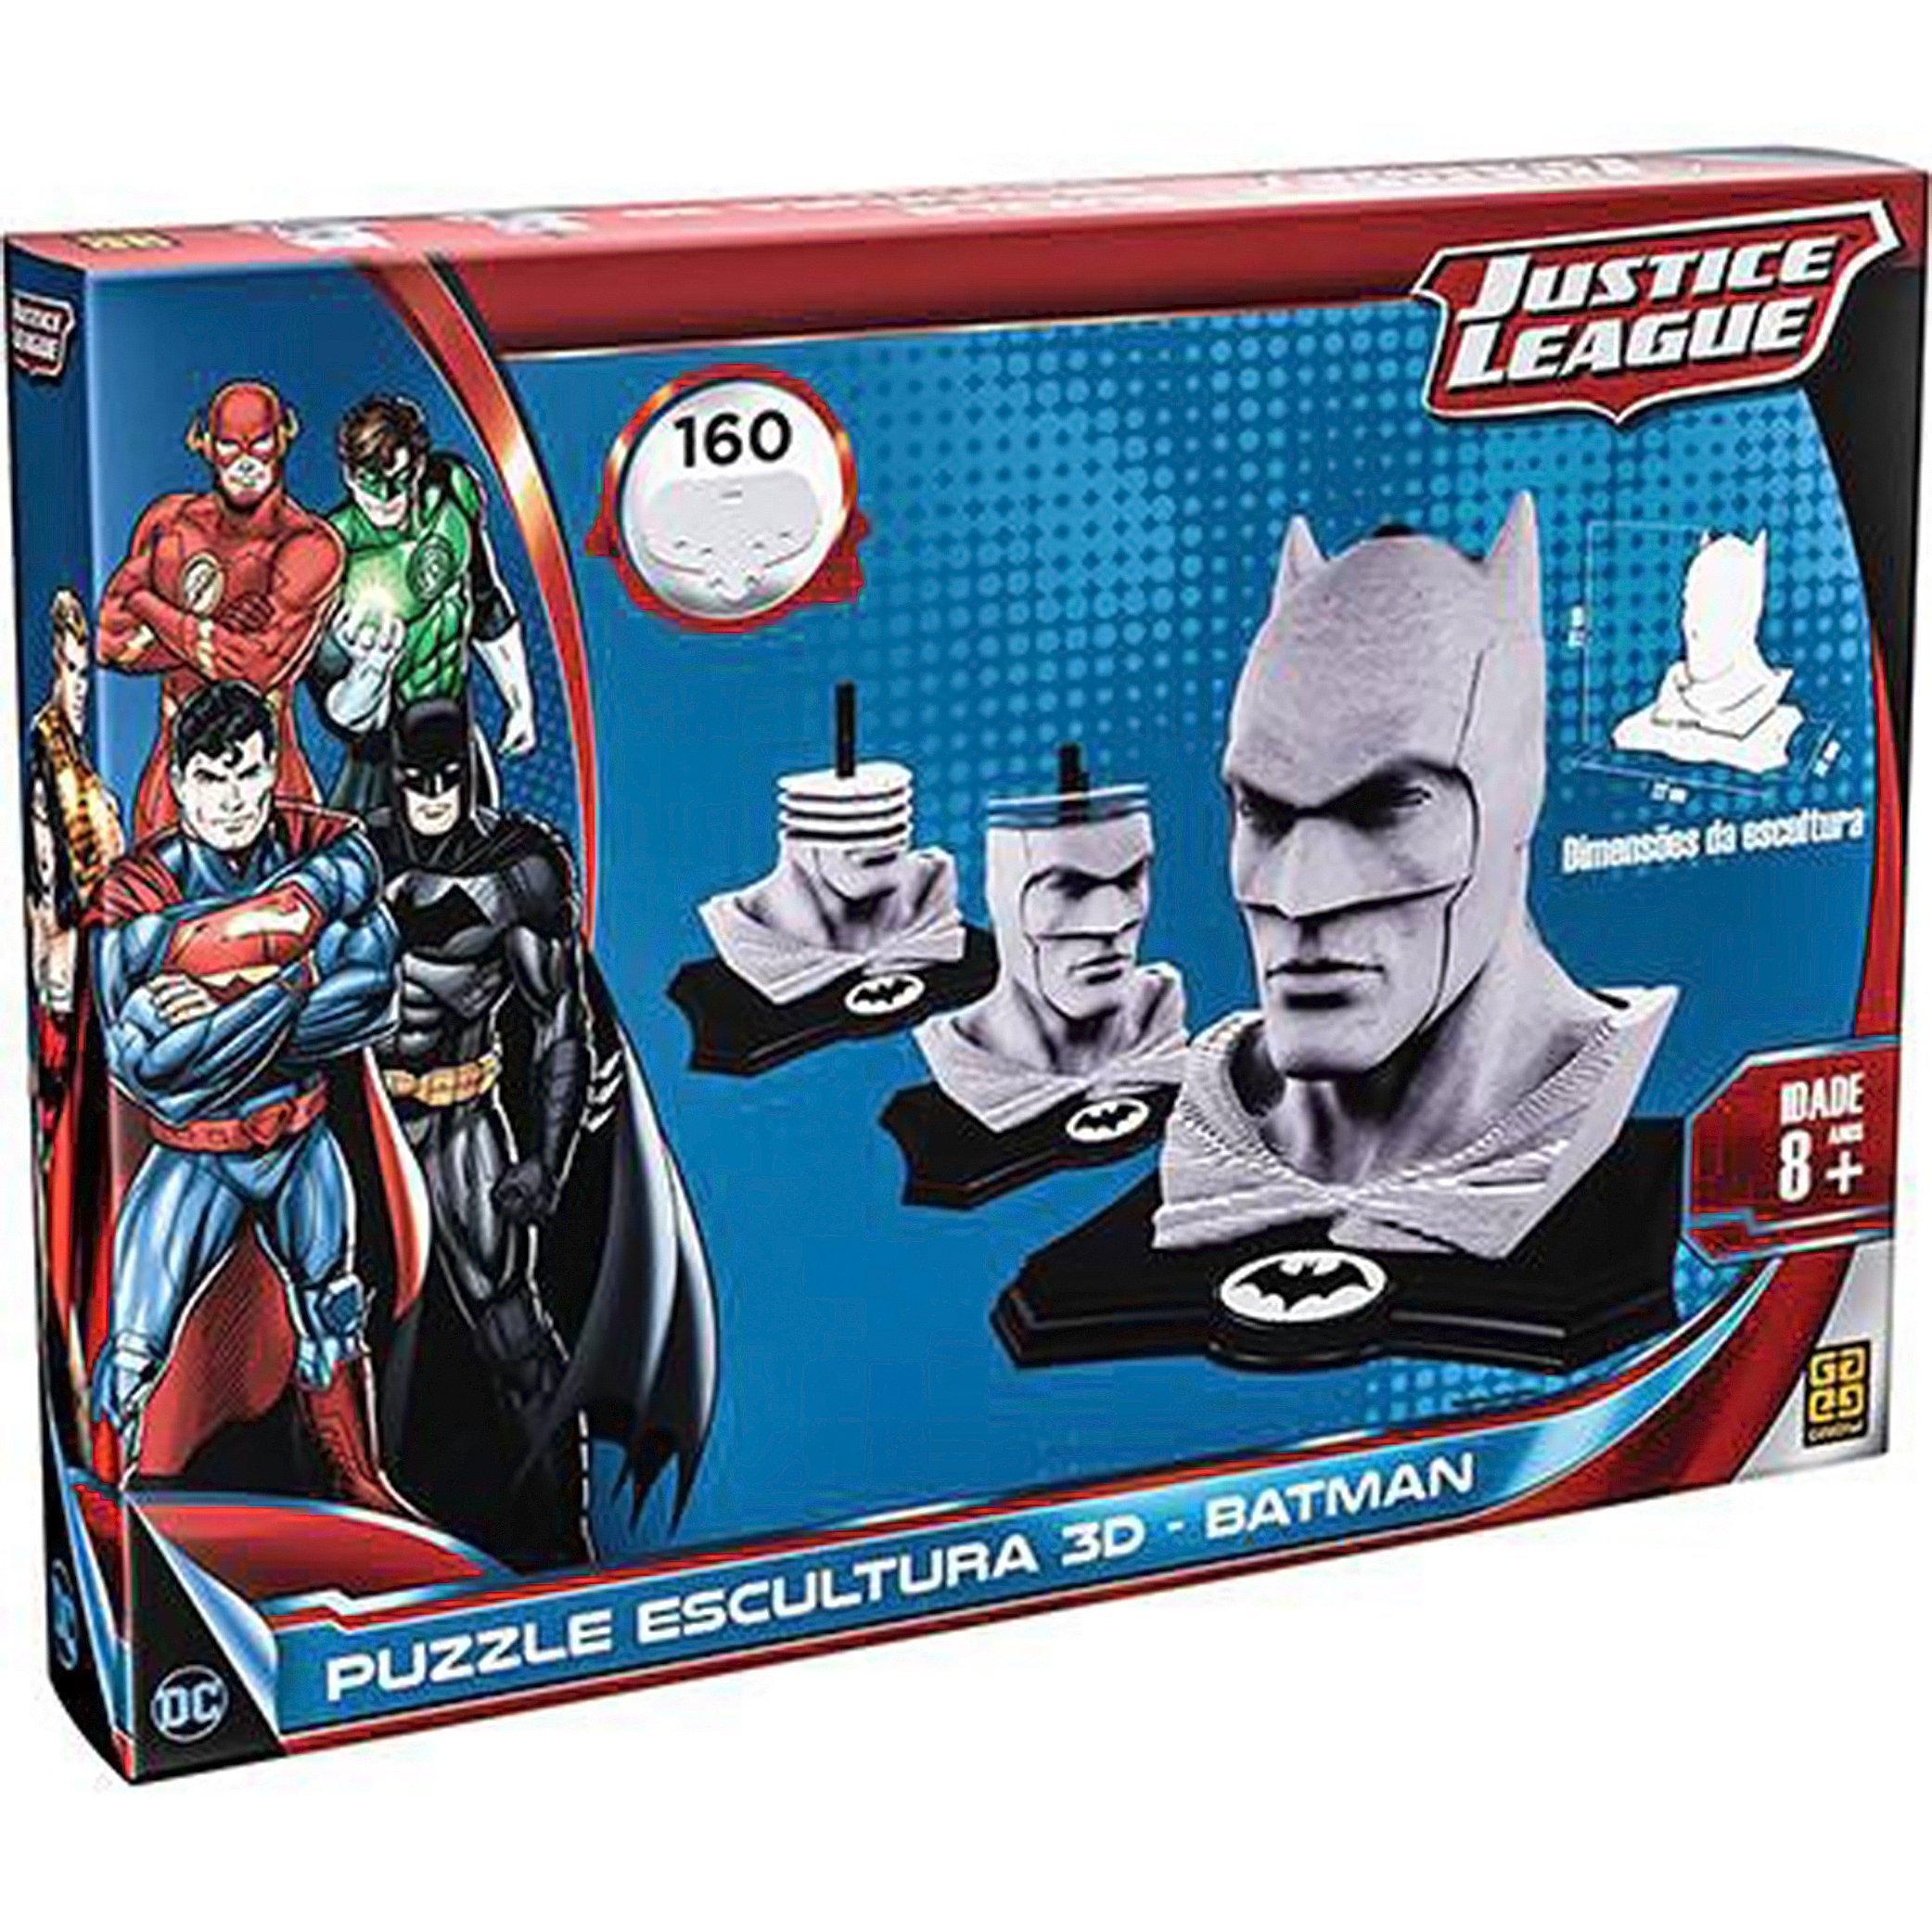 Quebra-Cabeça Escultura 3D Batman 160 Peças da Grow, vendido por R$ 119,99 no site da Americanas